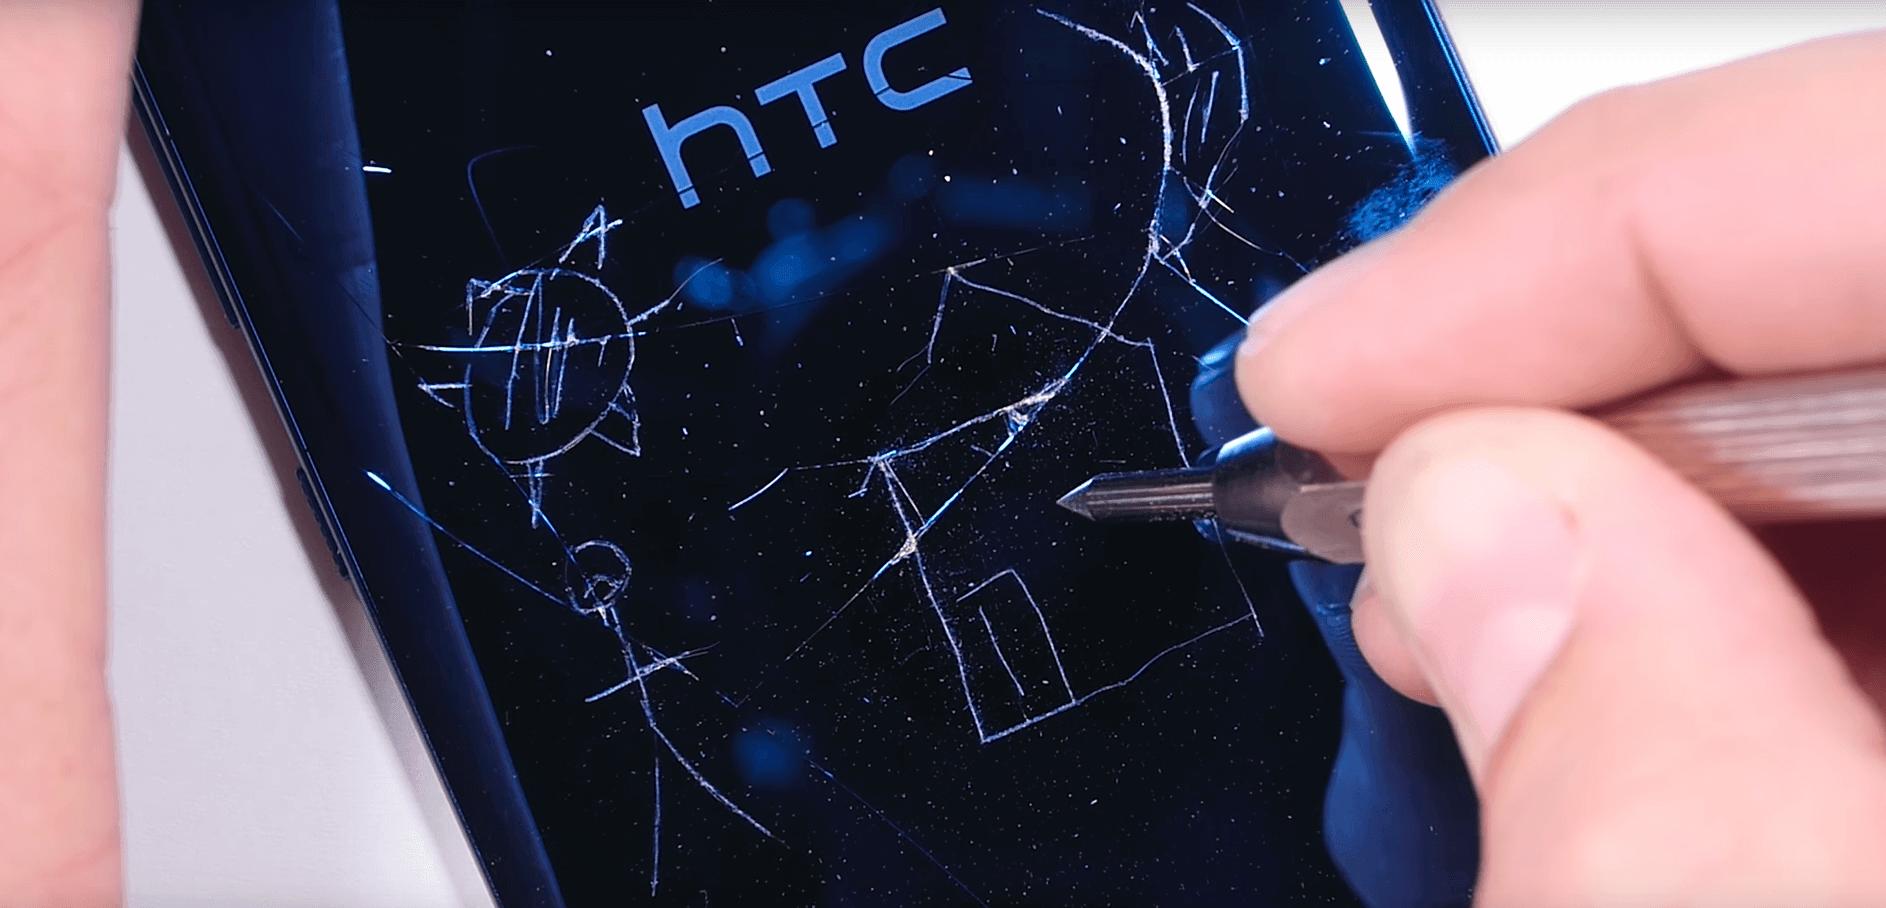 HTC U Dayanıklılık Testinde Sınıfta Kaldı HTC U Dayanıklılık Testinde Sınıfta Kaldı kapak